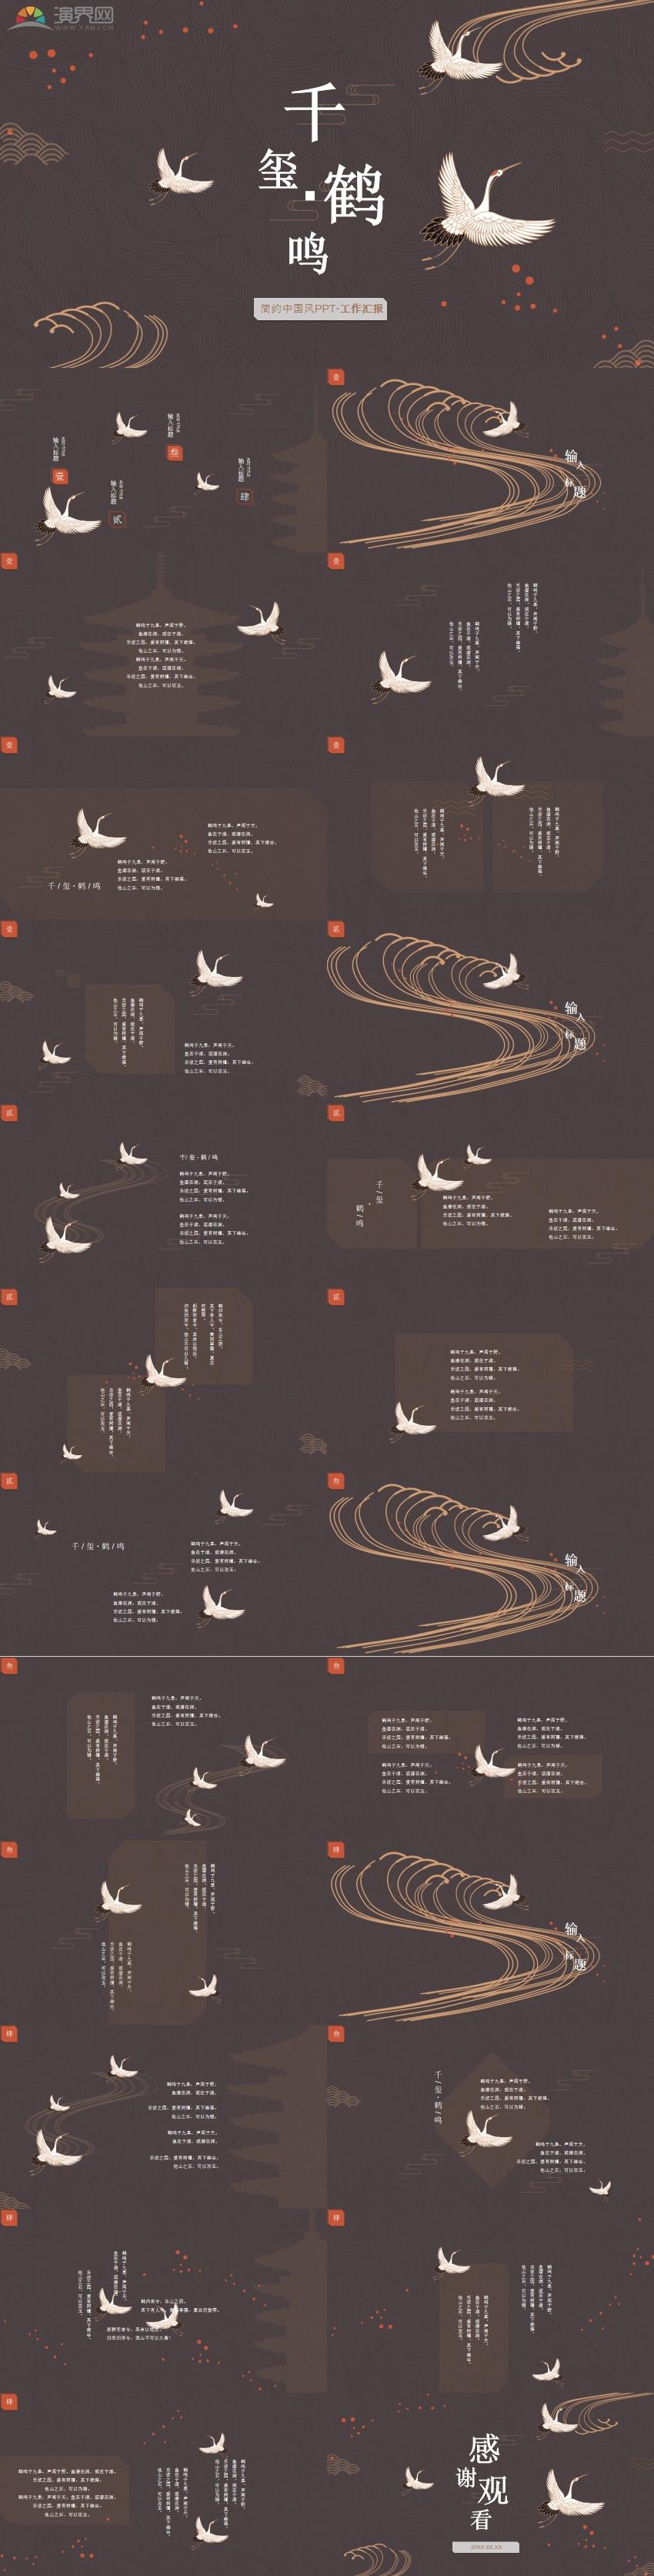 簡約典雅仙鶴中國風工作匯報PPT模板